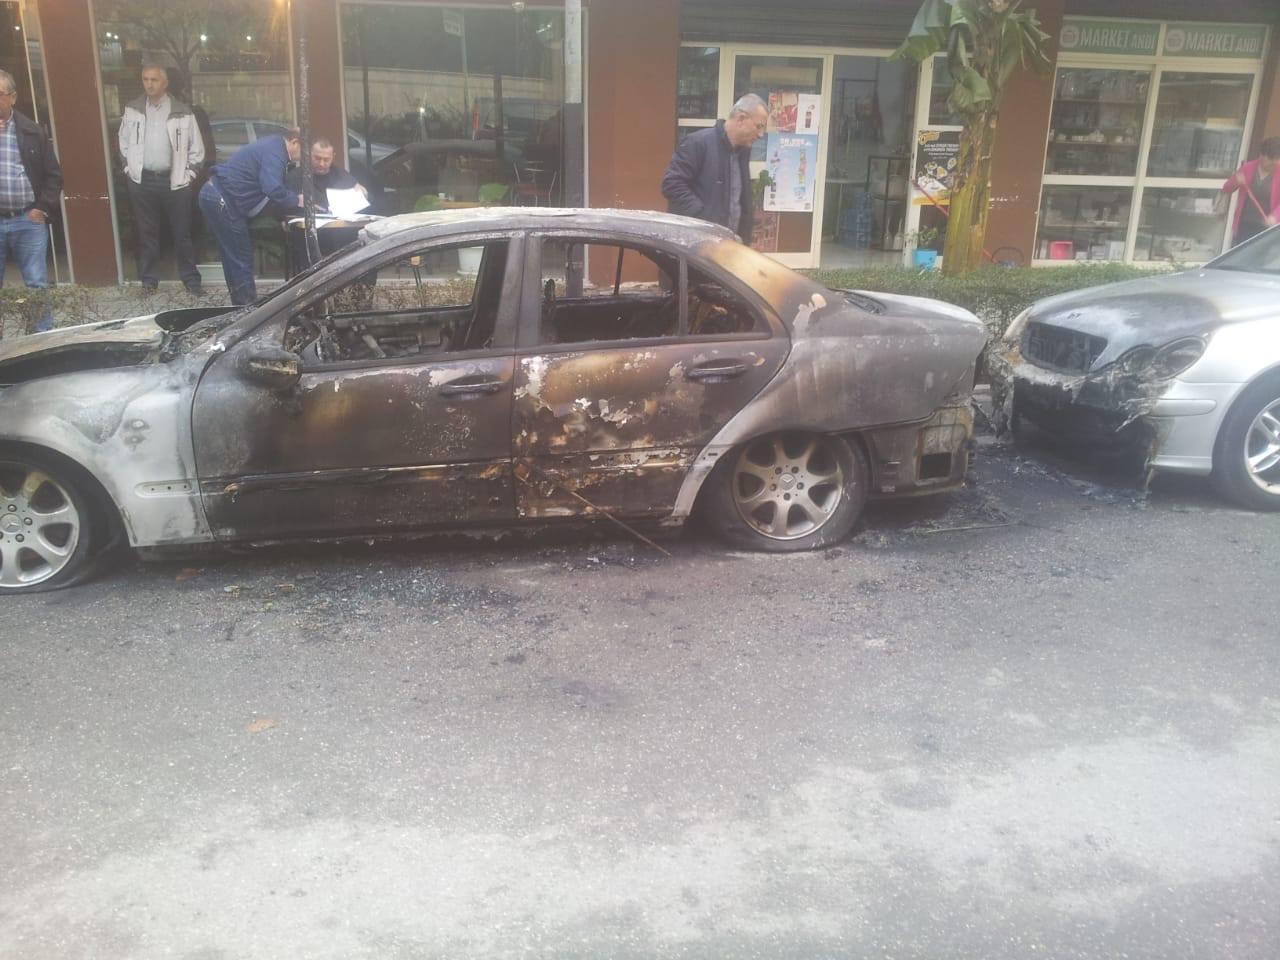 Shkrumohen gjatë natës dy mjete në Vlorë, nisin hetimet nga Policia